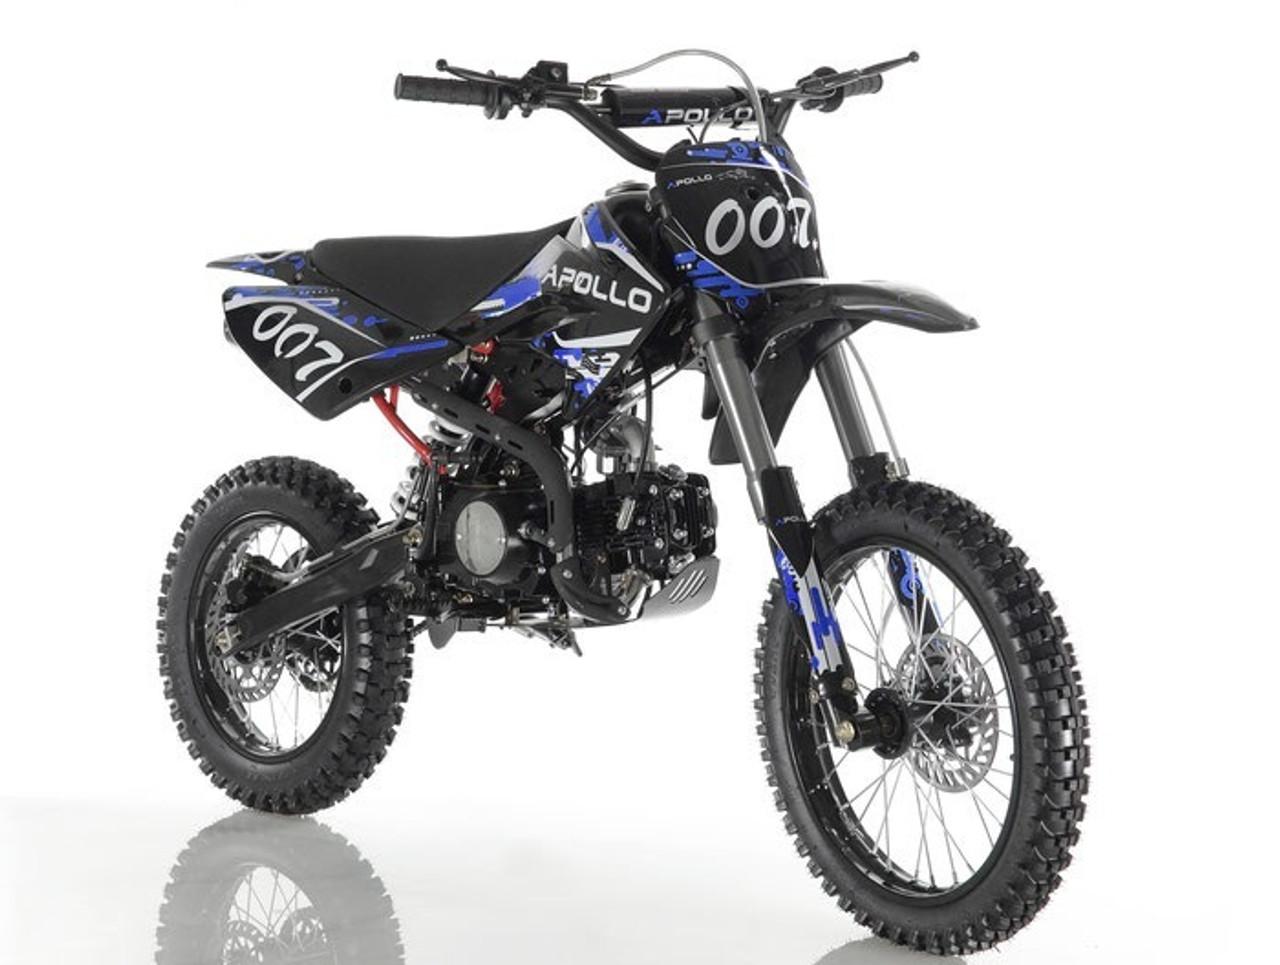 APOLLO DB-007 125cc Manual Clutch 4 Gears Dirt Bike, 4 stroke, Single Cylinder